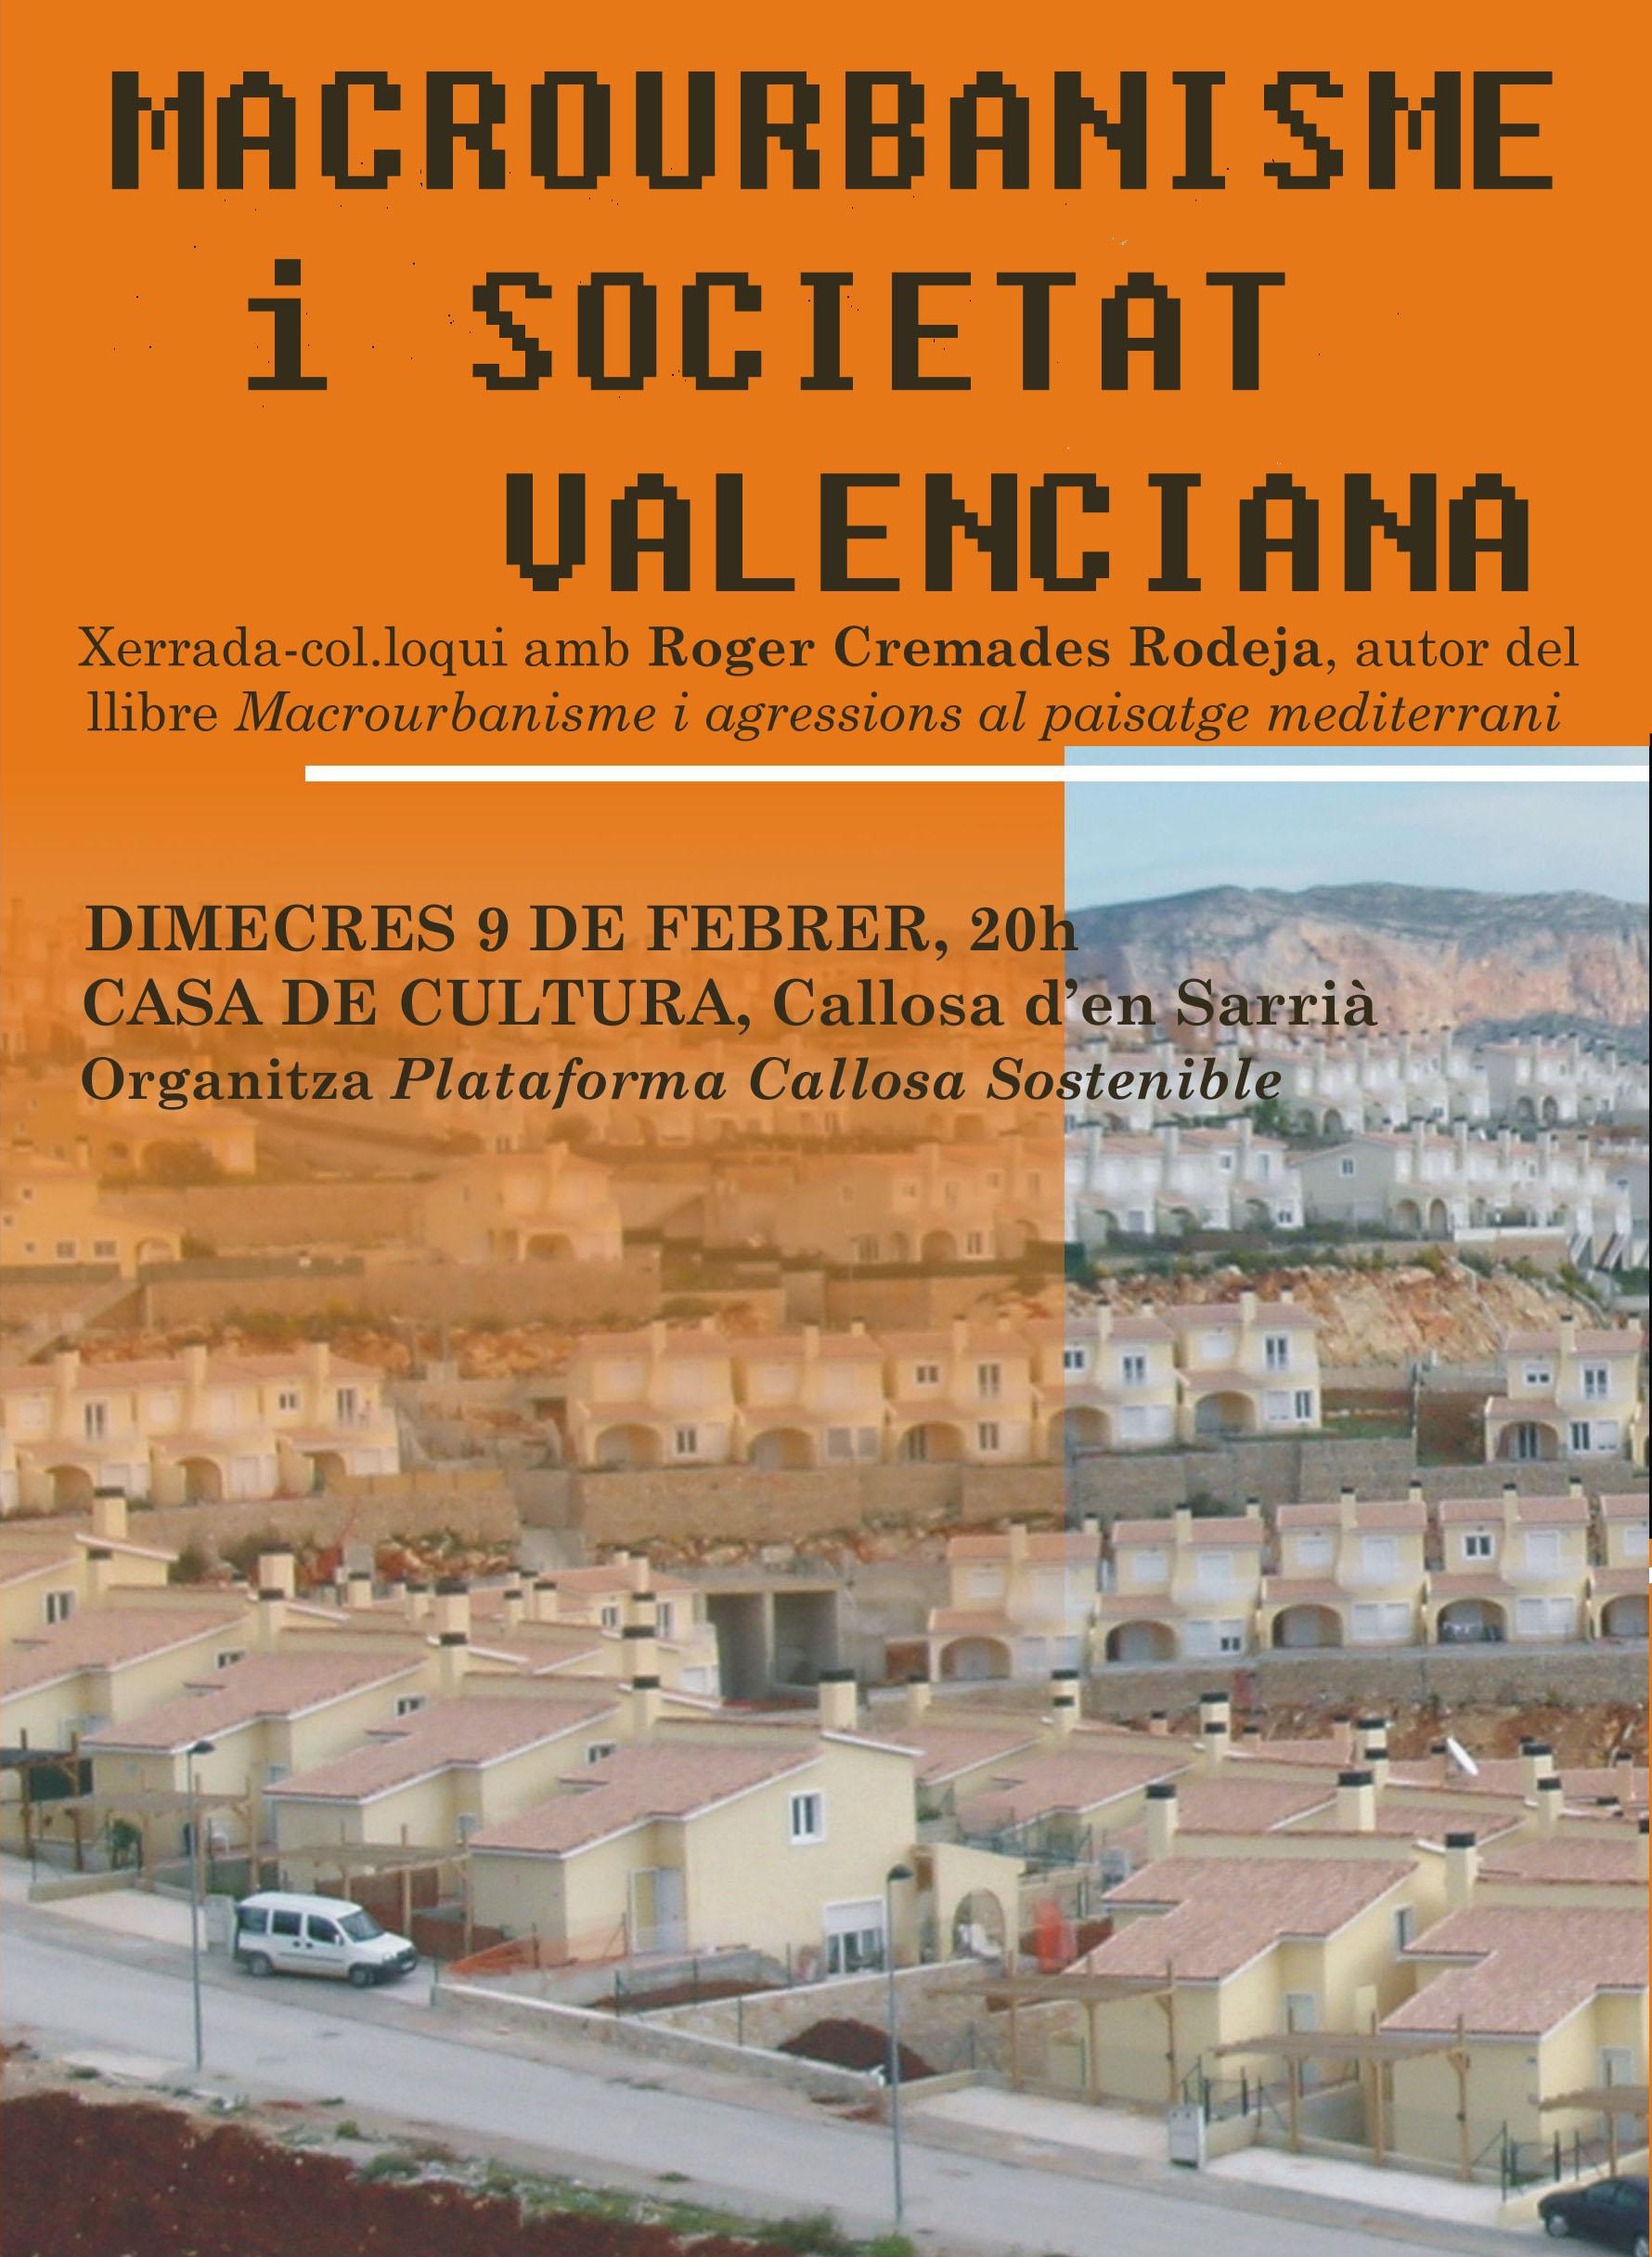 """El pròxim dimecres dia 9 de febrer tindrà lloc a la Casa de Cultura de Callosa d'en Sarrià una xerrada-col·loqui amb Roger Cremades Rodeja, autor del llibre """"Macrourbanisme i agressions..."""